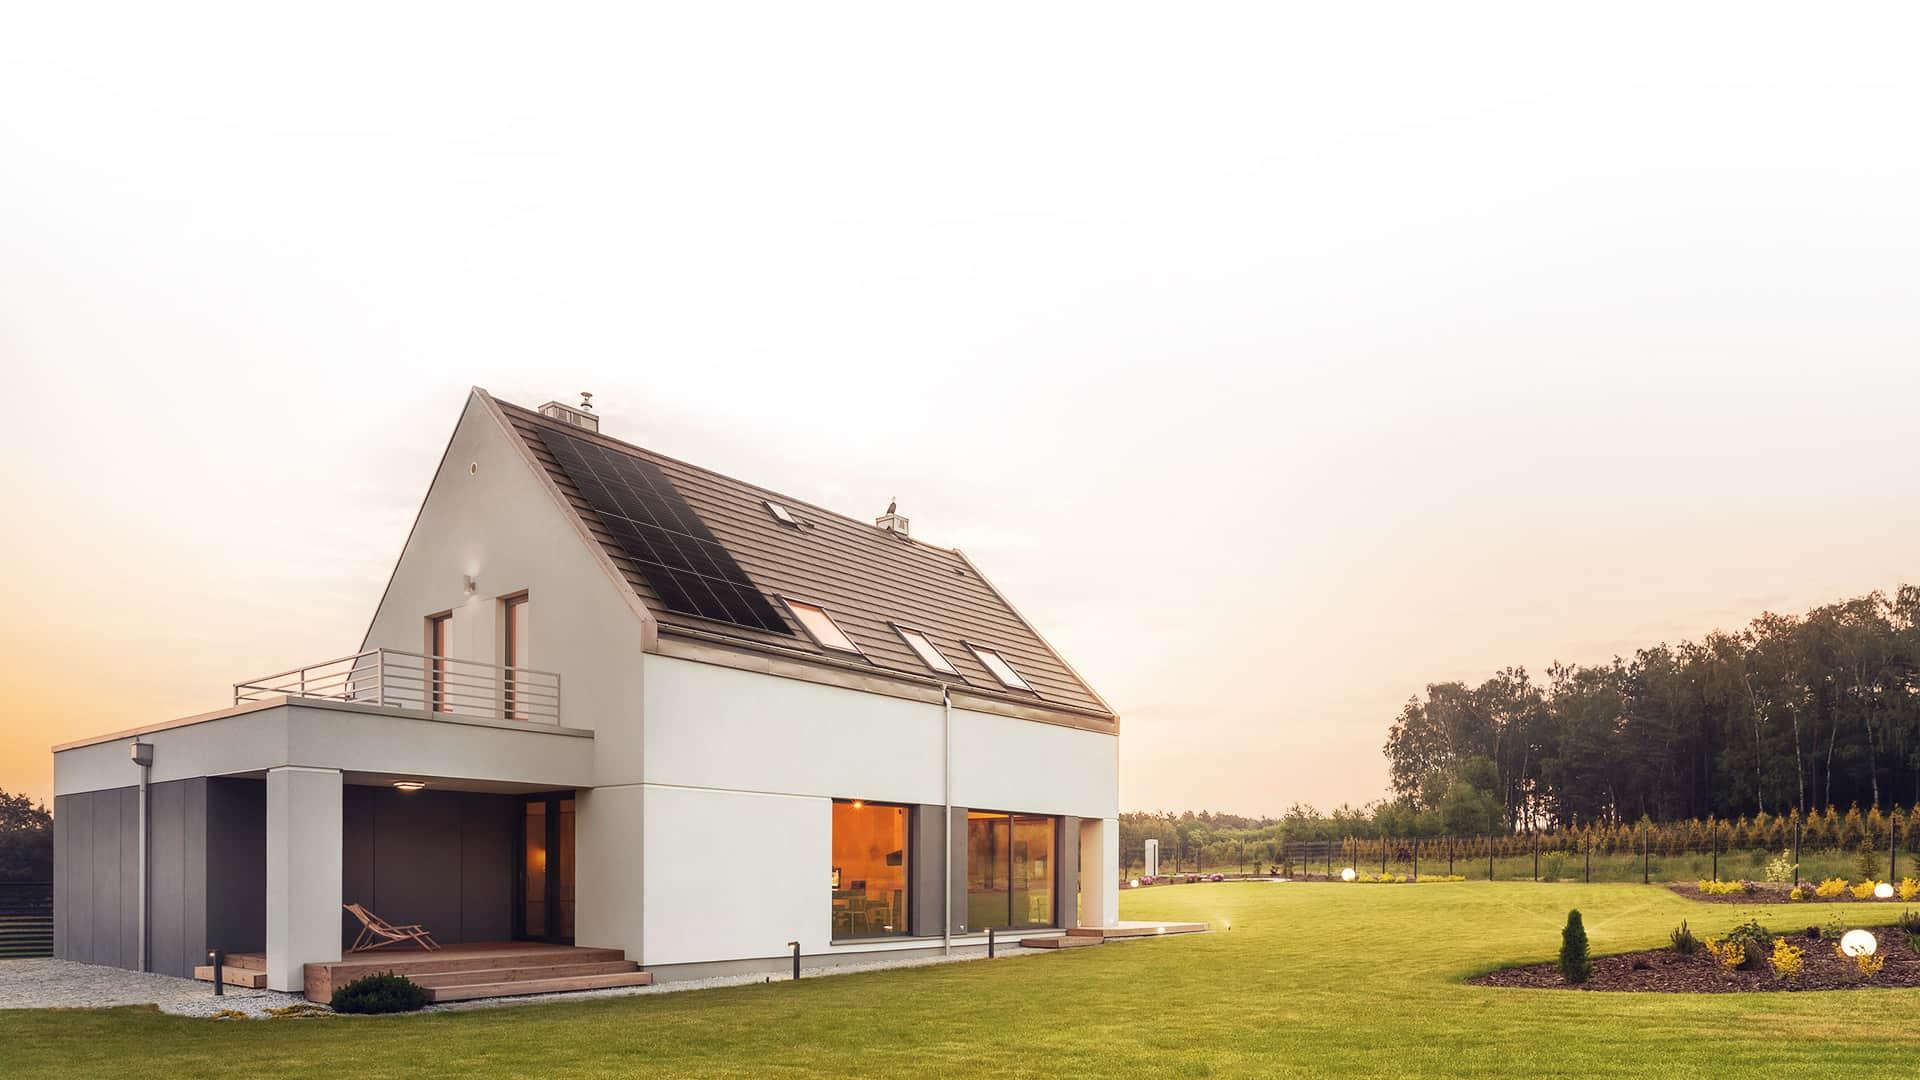 Dom z instalacją fotowoltaiki na dachu